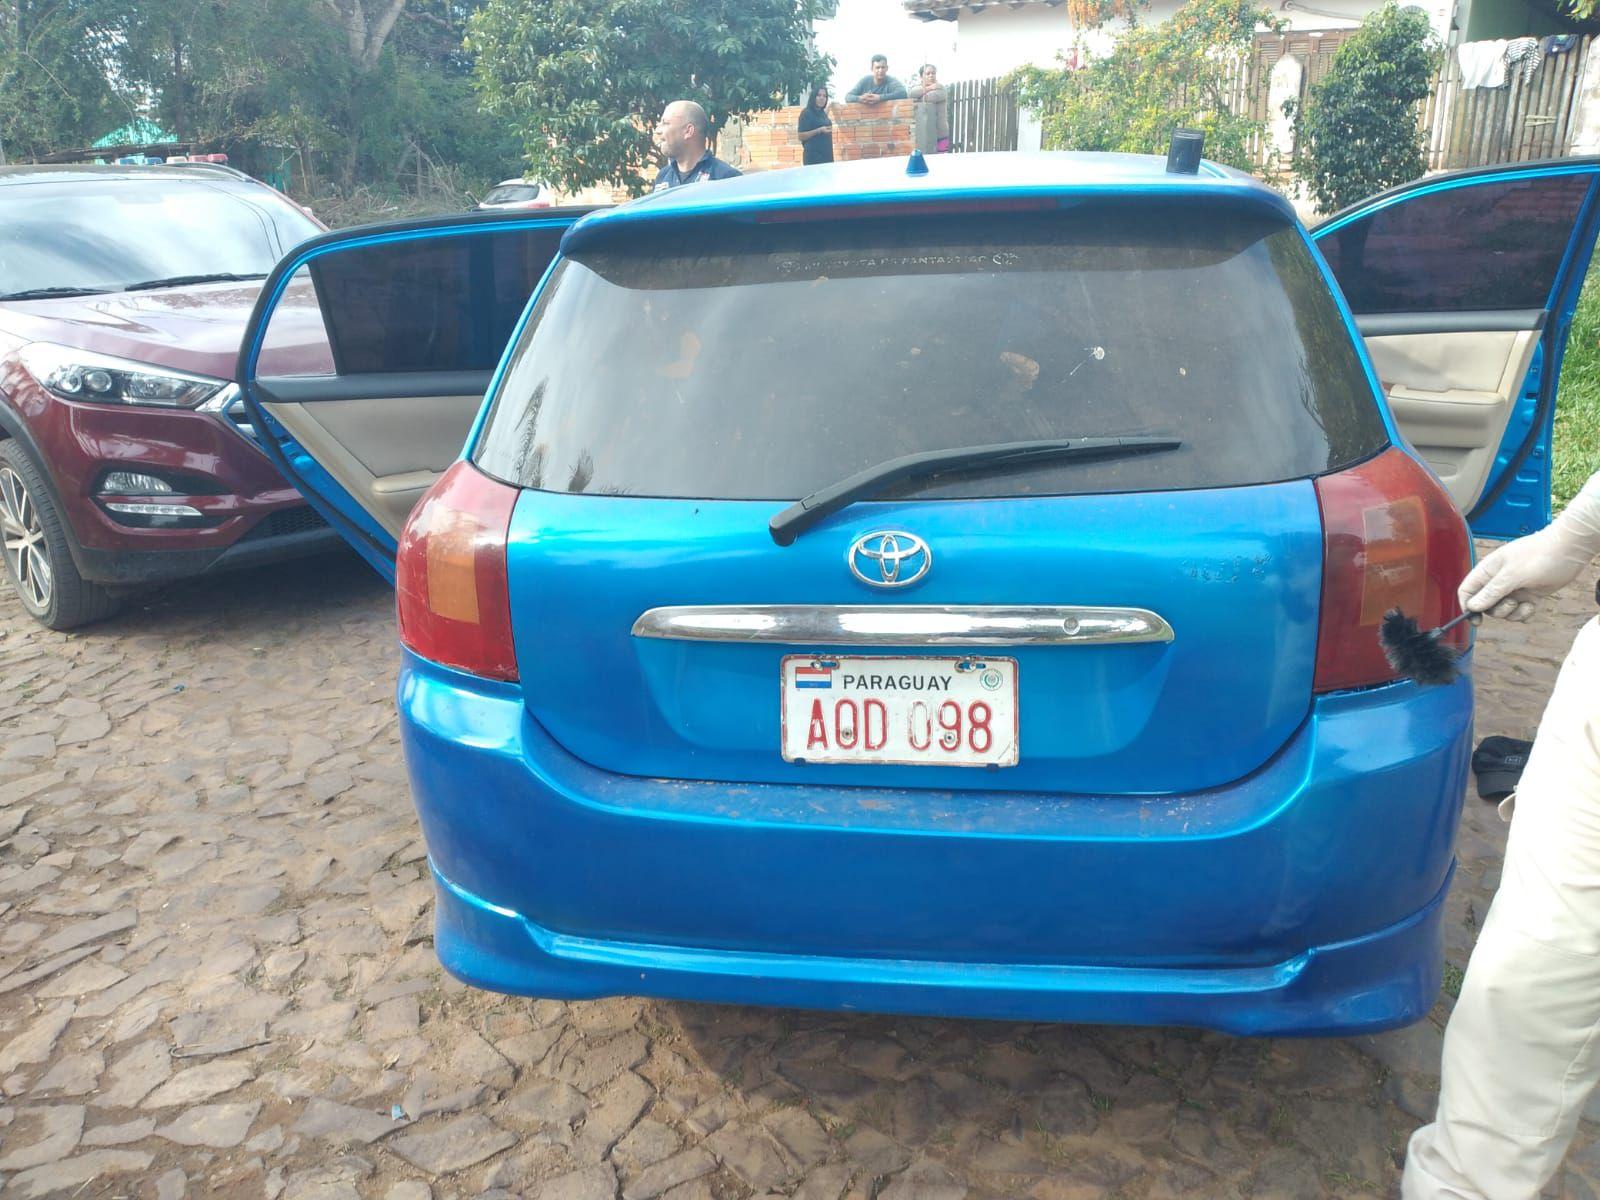 El automóvil robado además contaba con chapa que correspondía a otro rodado.